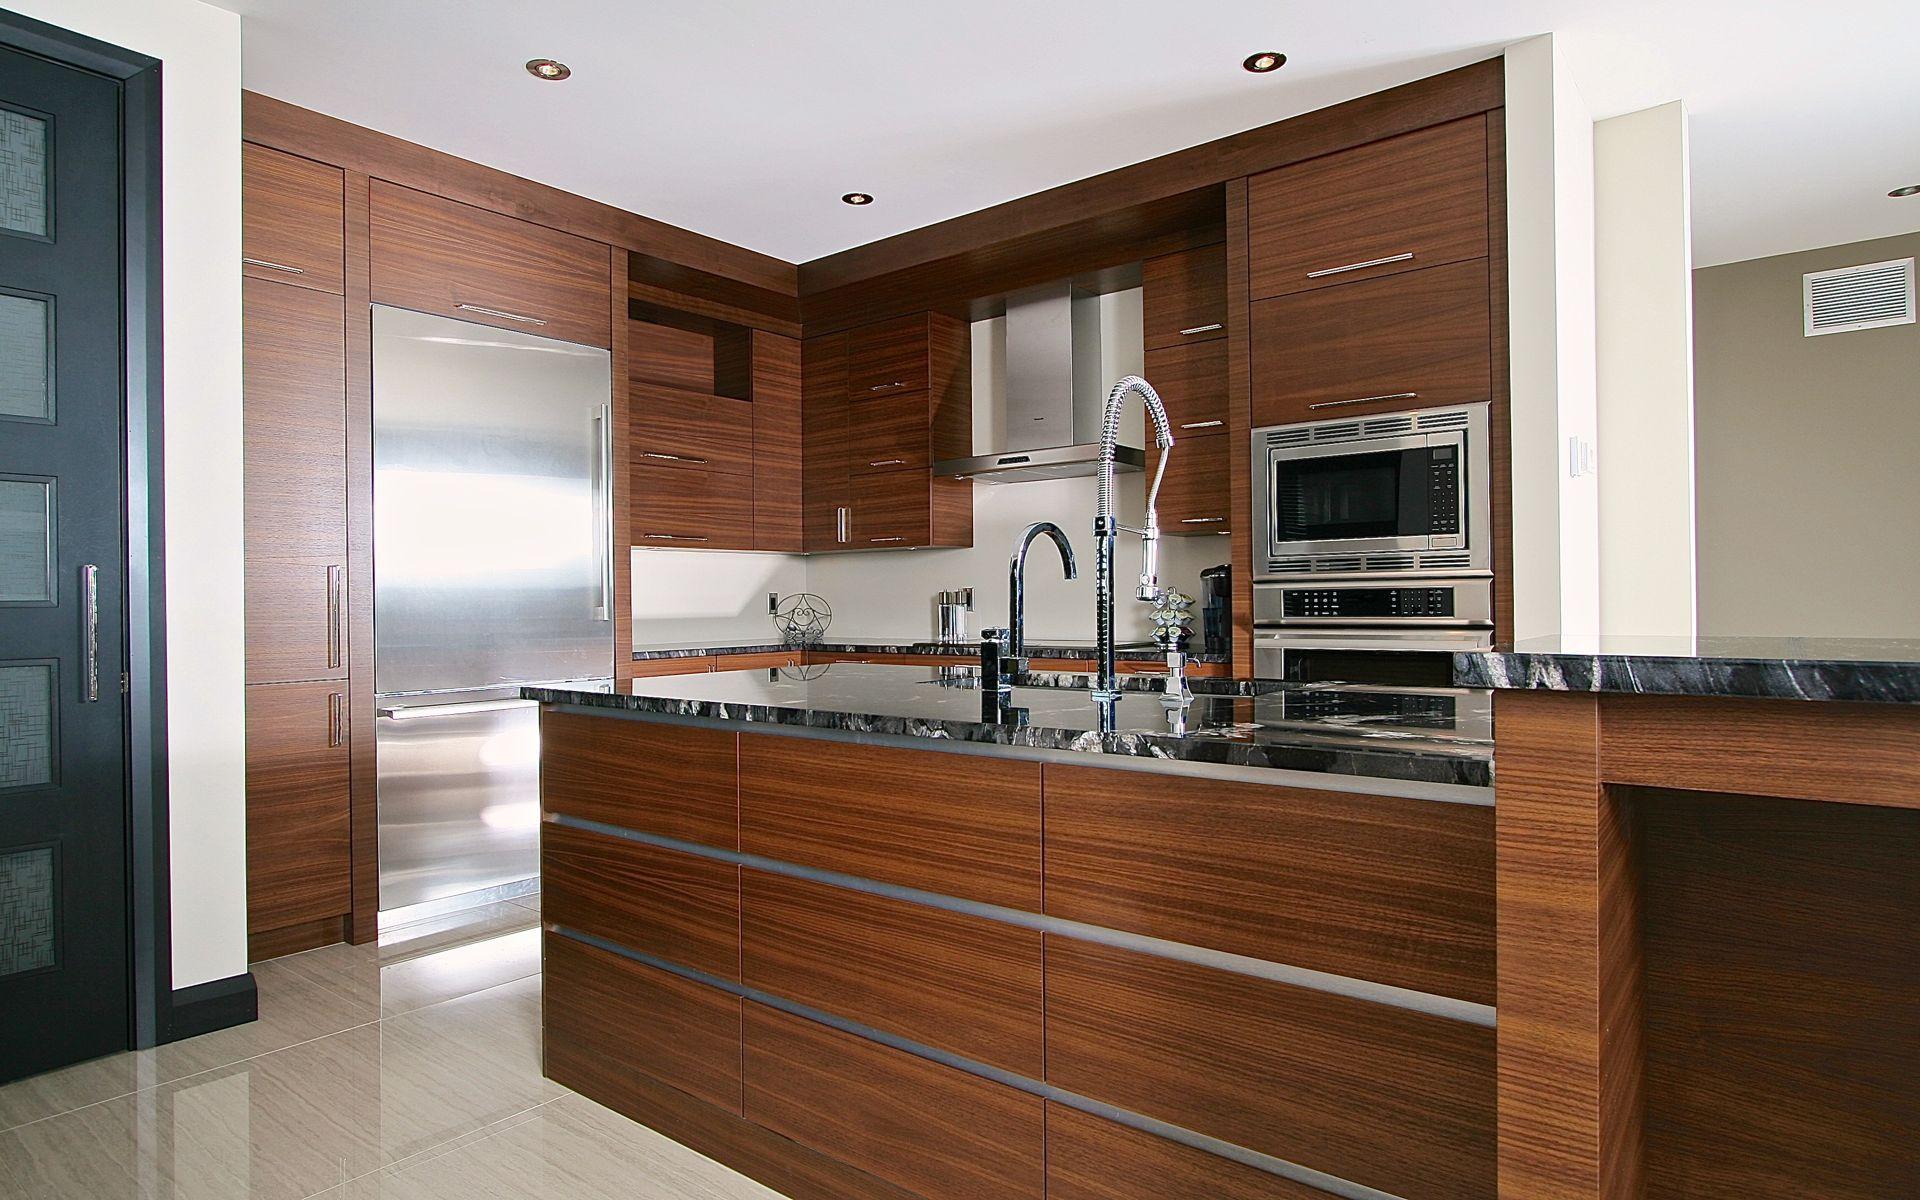 Cuisine contemporaine haut de gamme armoires en placage - Cuisine en noyer ...